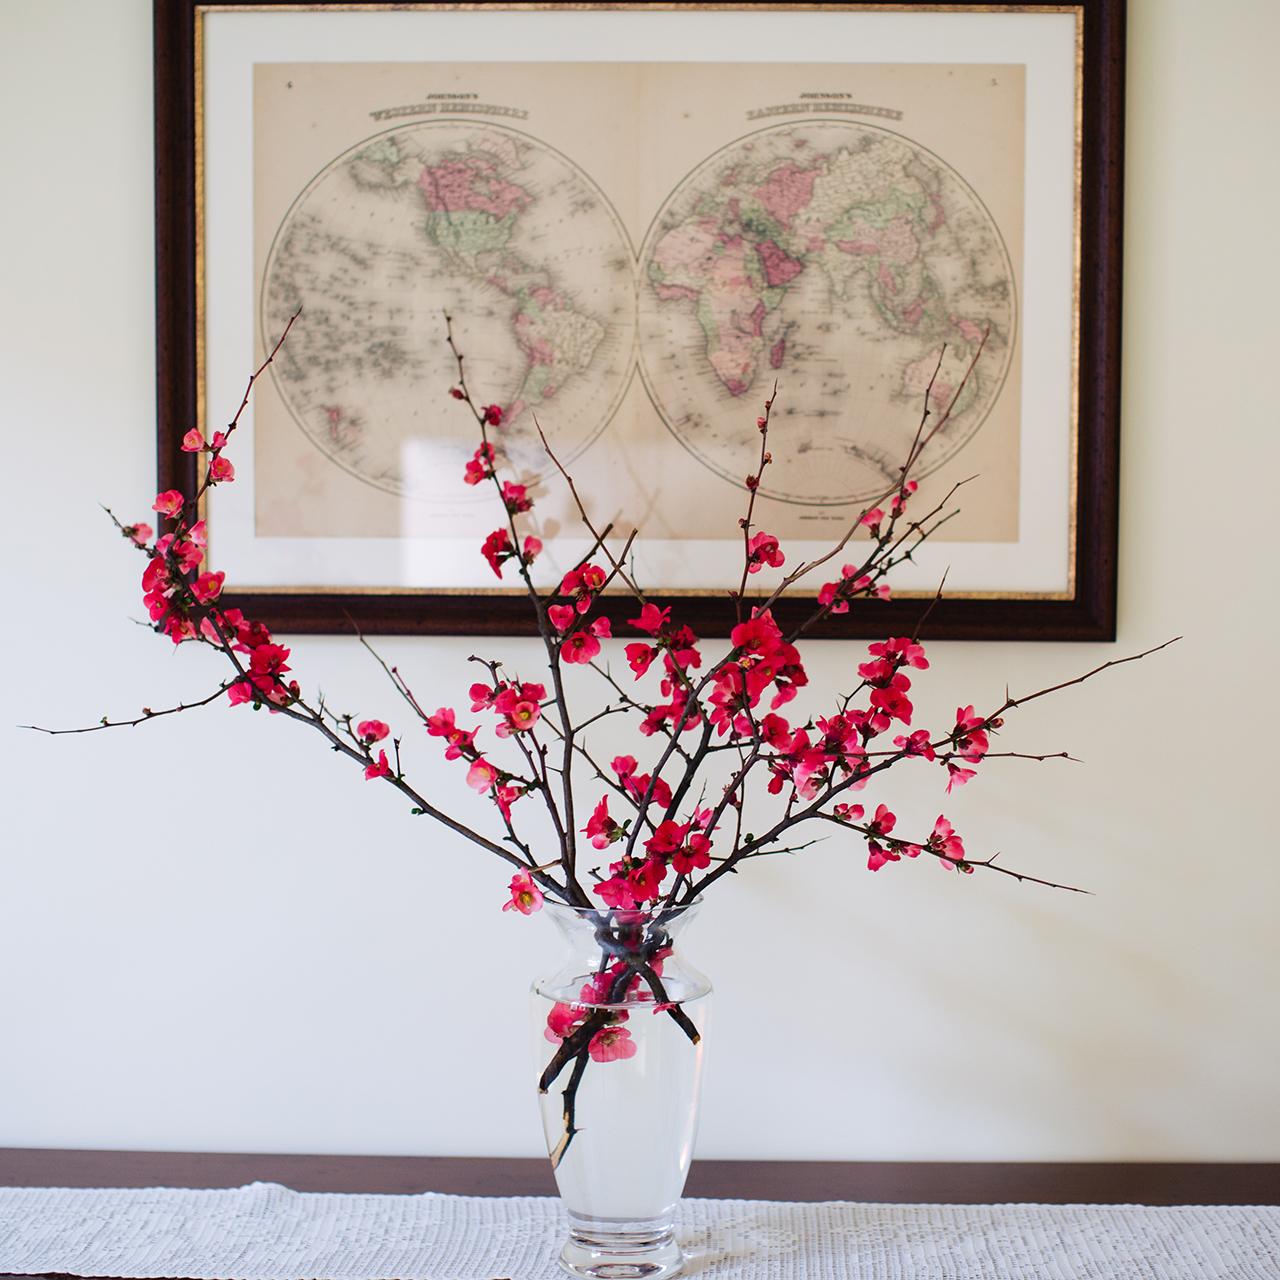 fiori e mappa